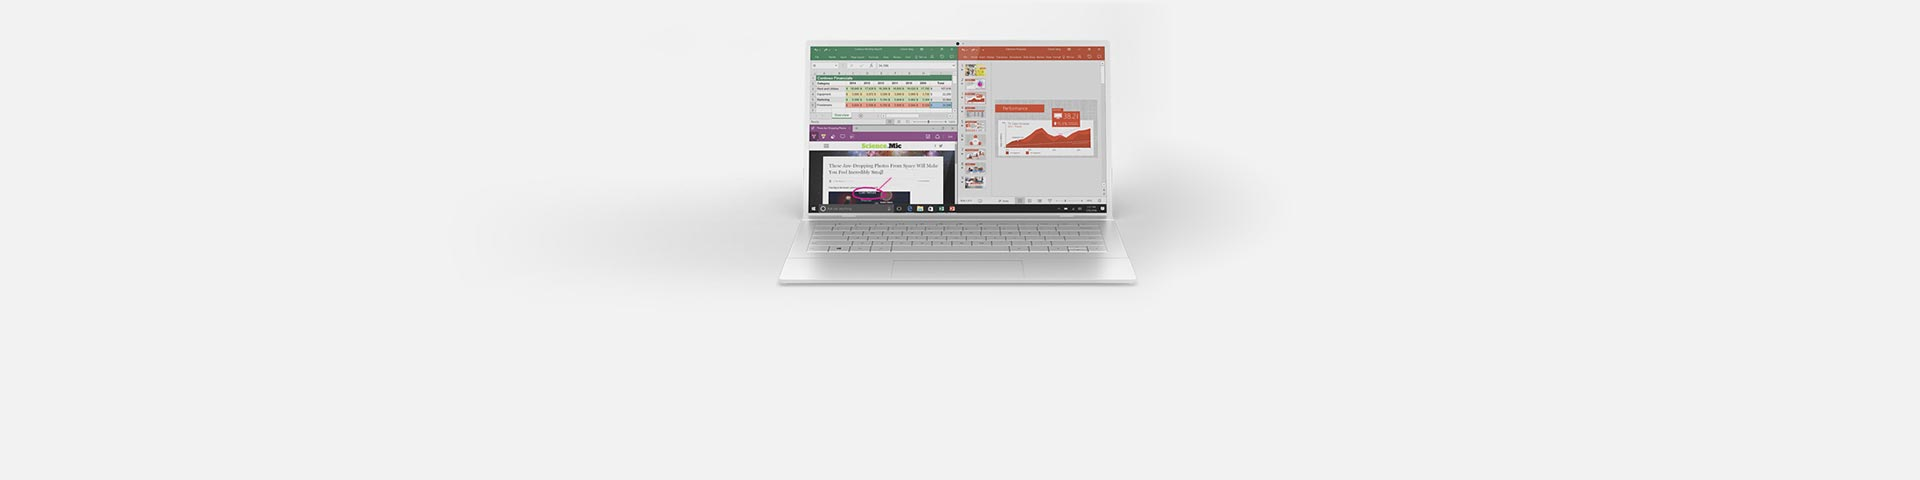 Um portátil com aplicações do Office no ecrã